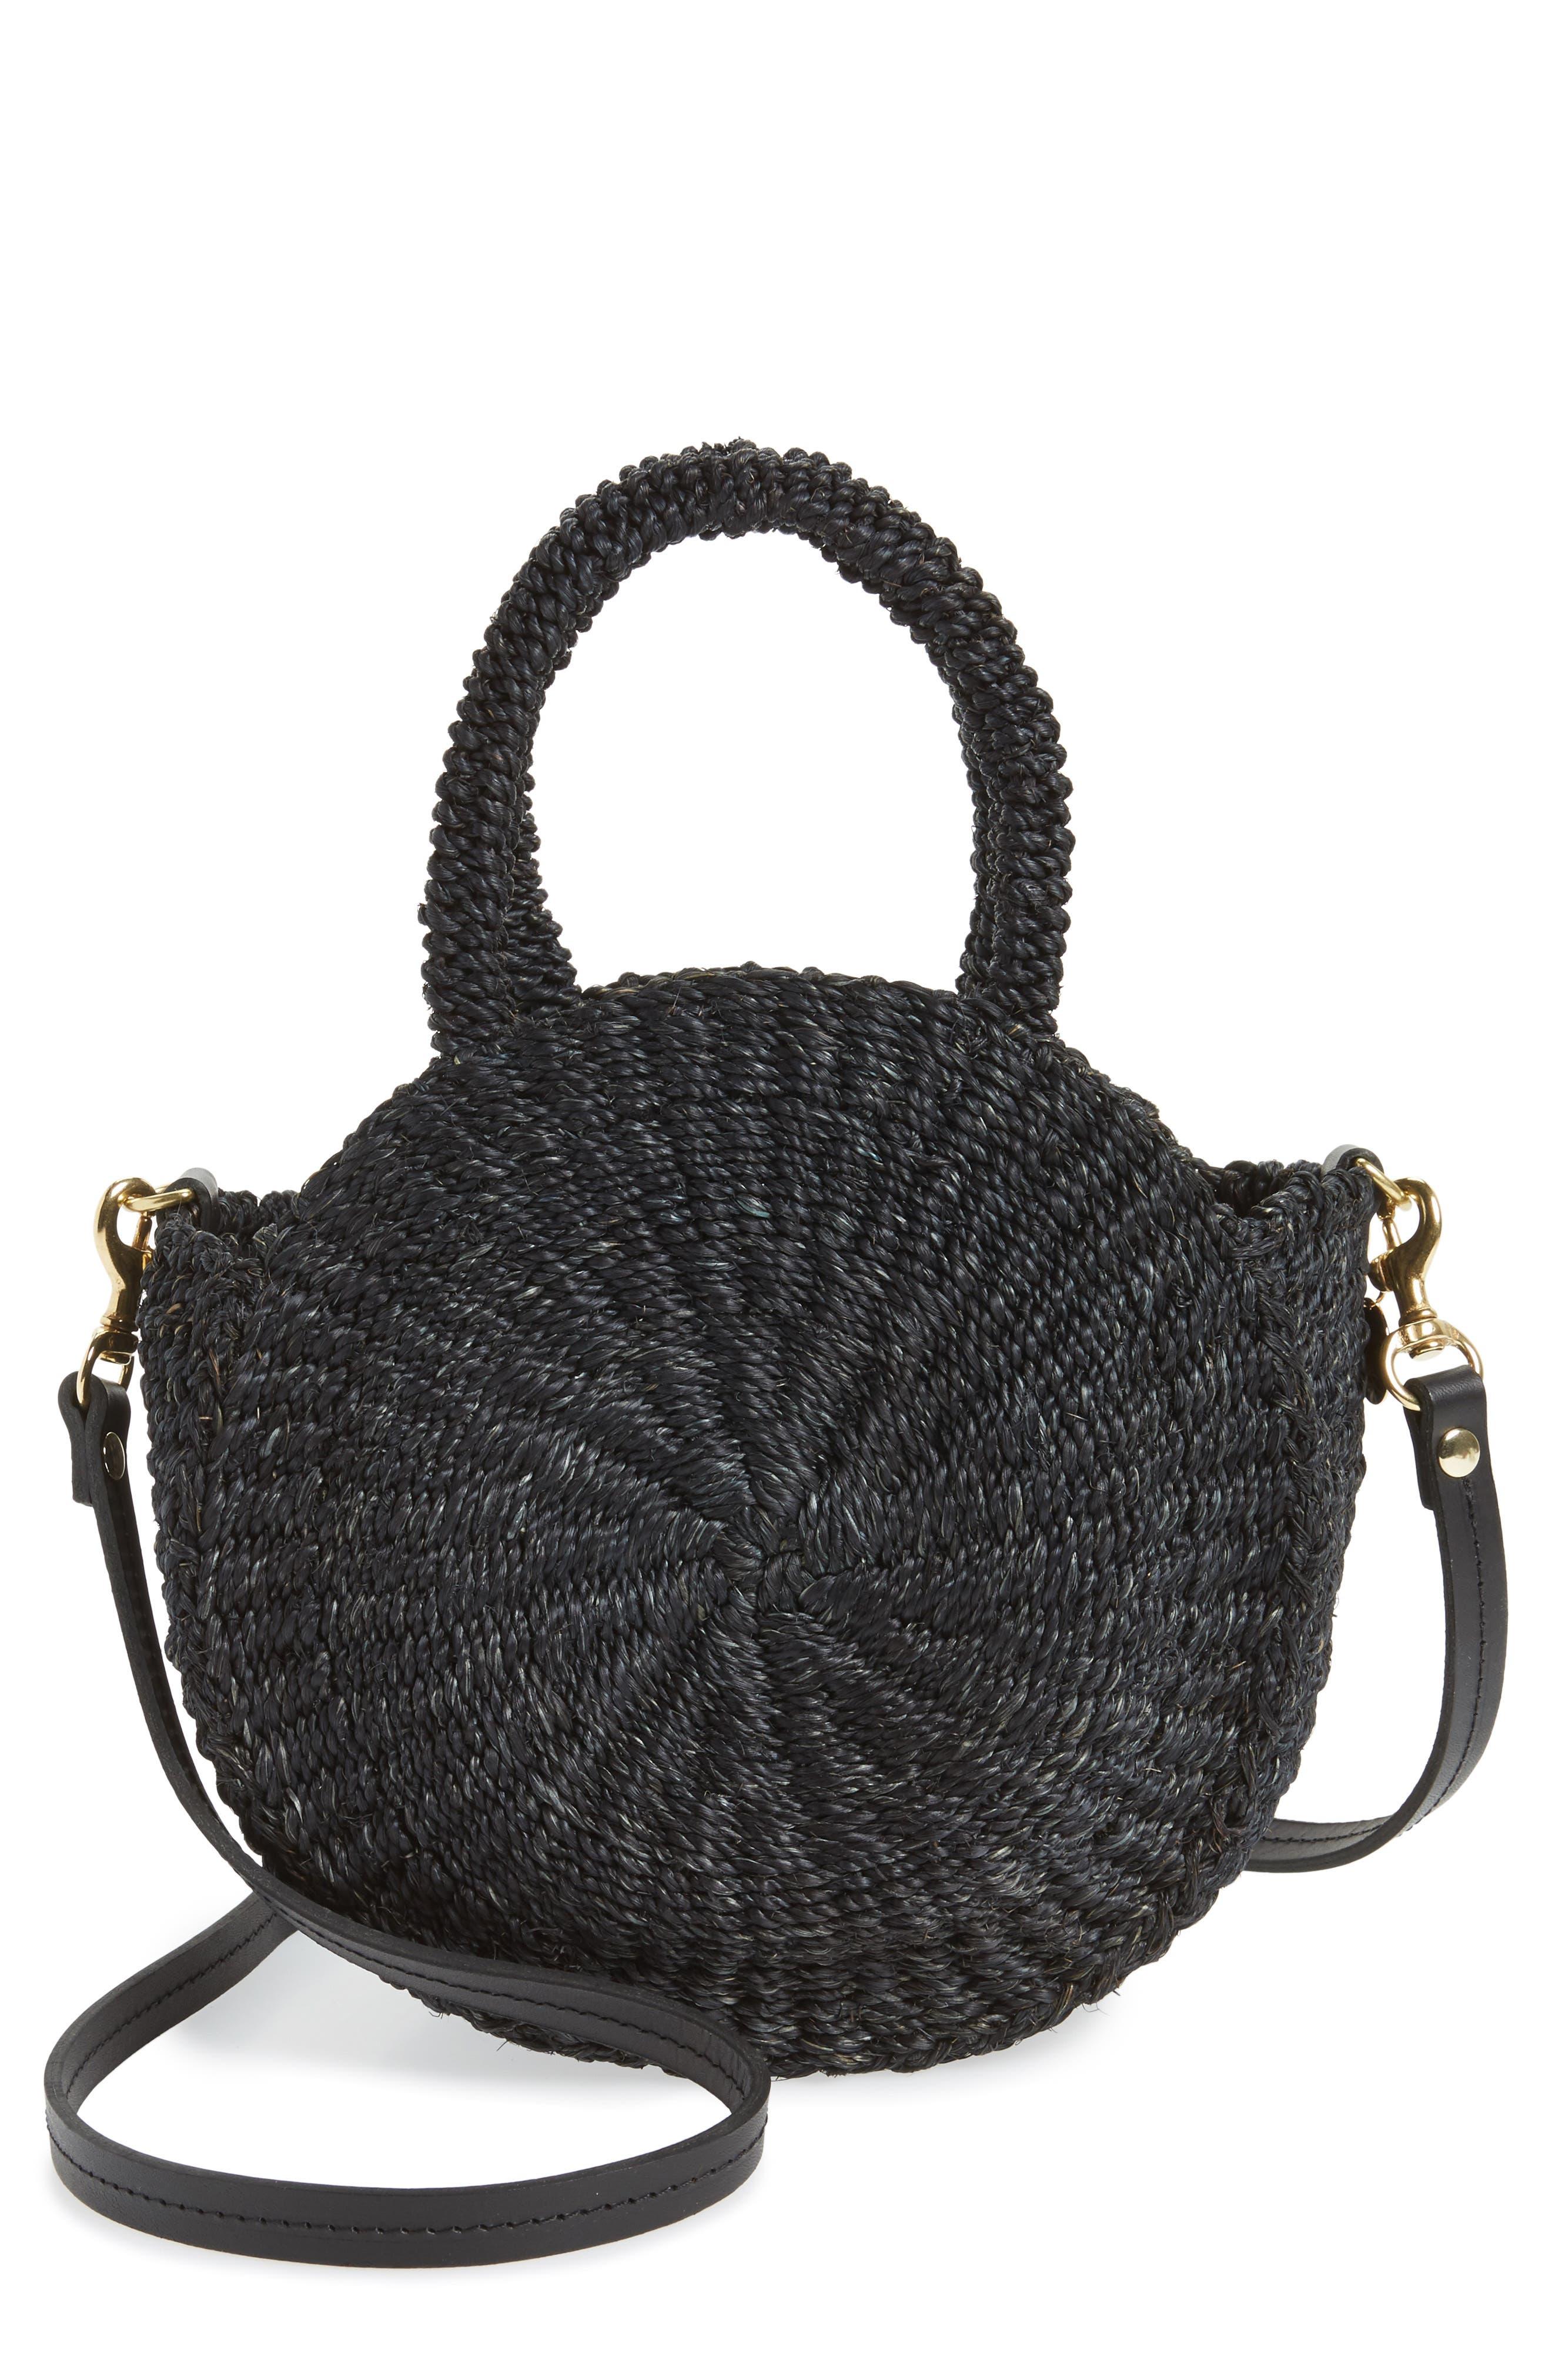 Clare V. Petite Alice Straw Bag